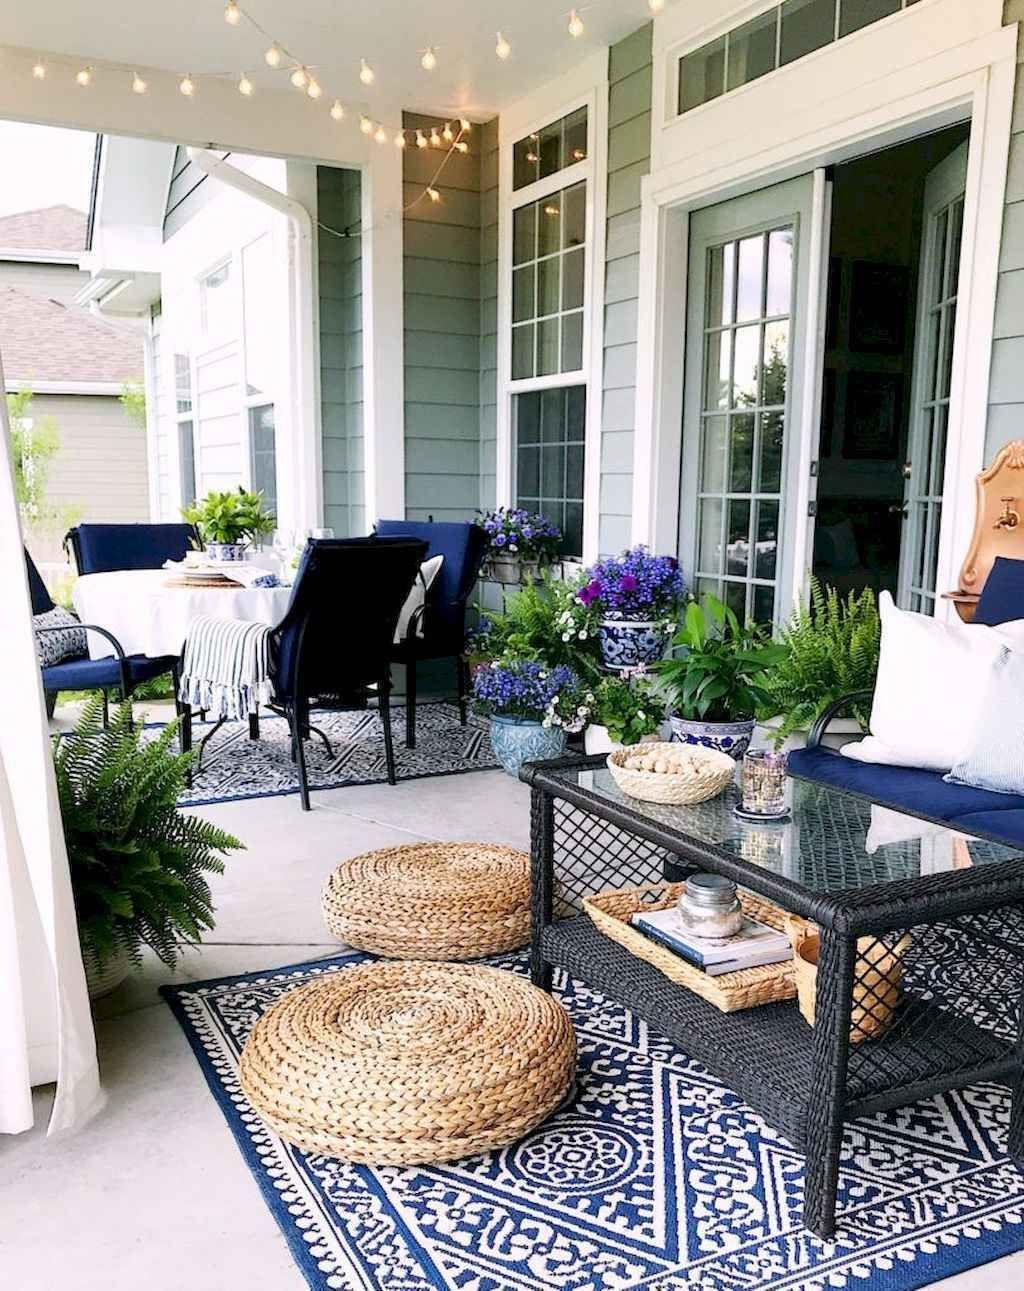 relaxing summer backyard patio